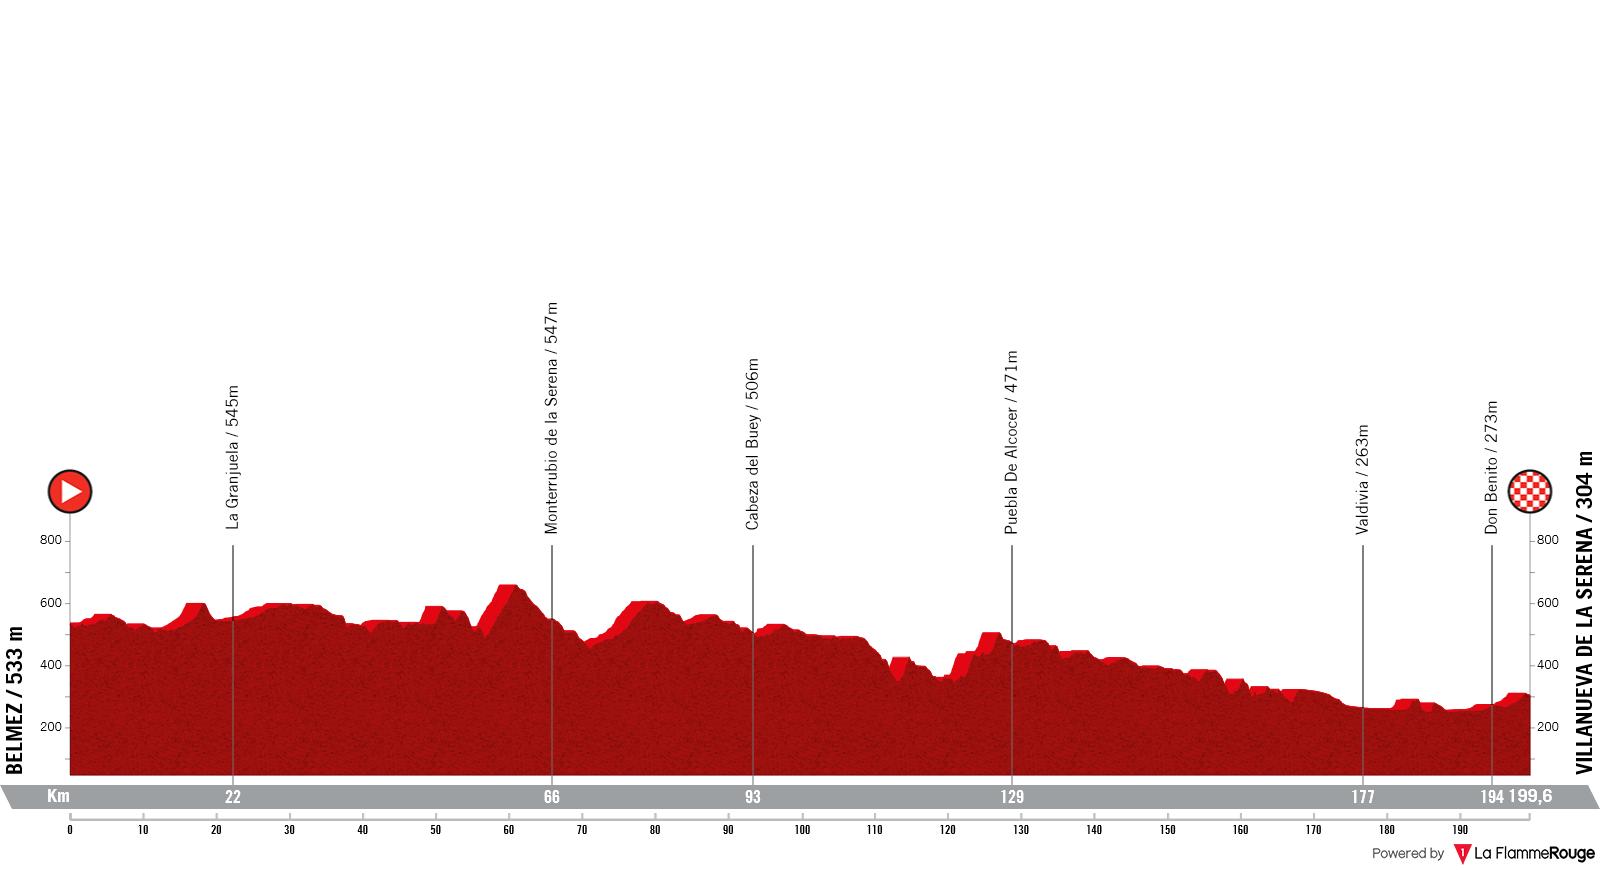 Etapa 13 - Vuelta España 2021 - Belmez Villanueva de la Serena